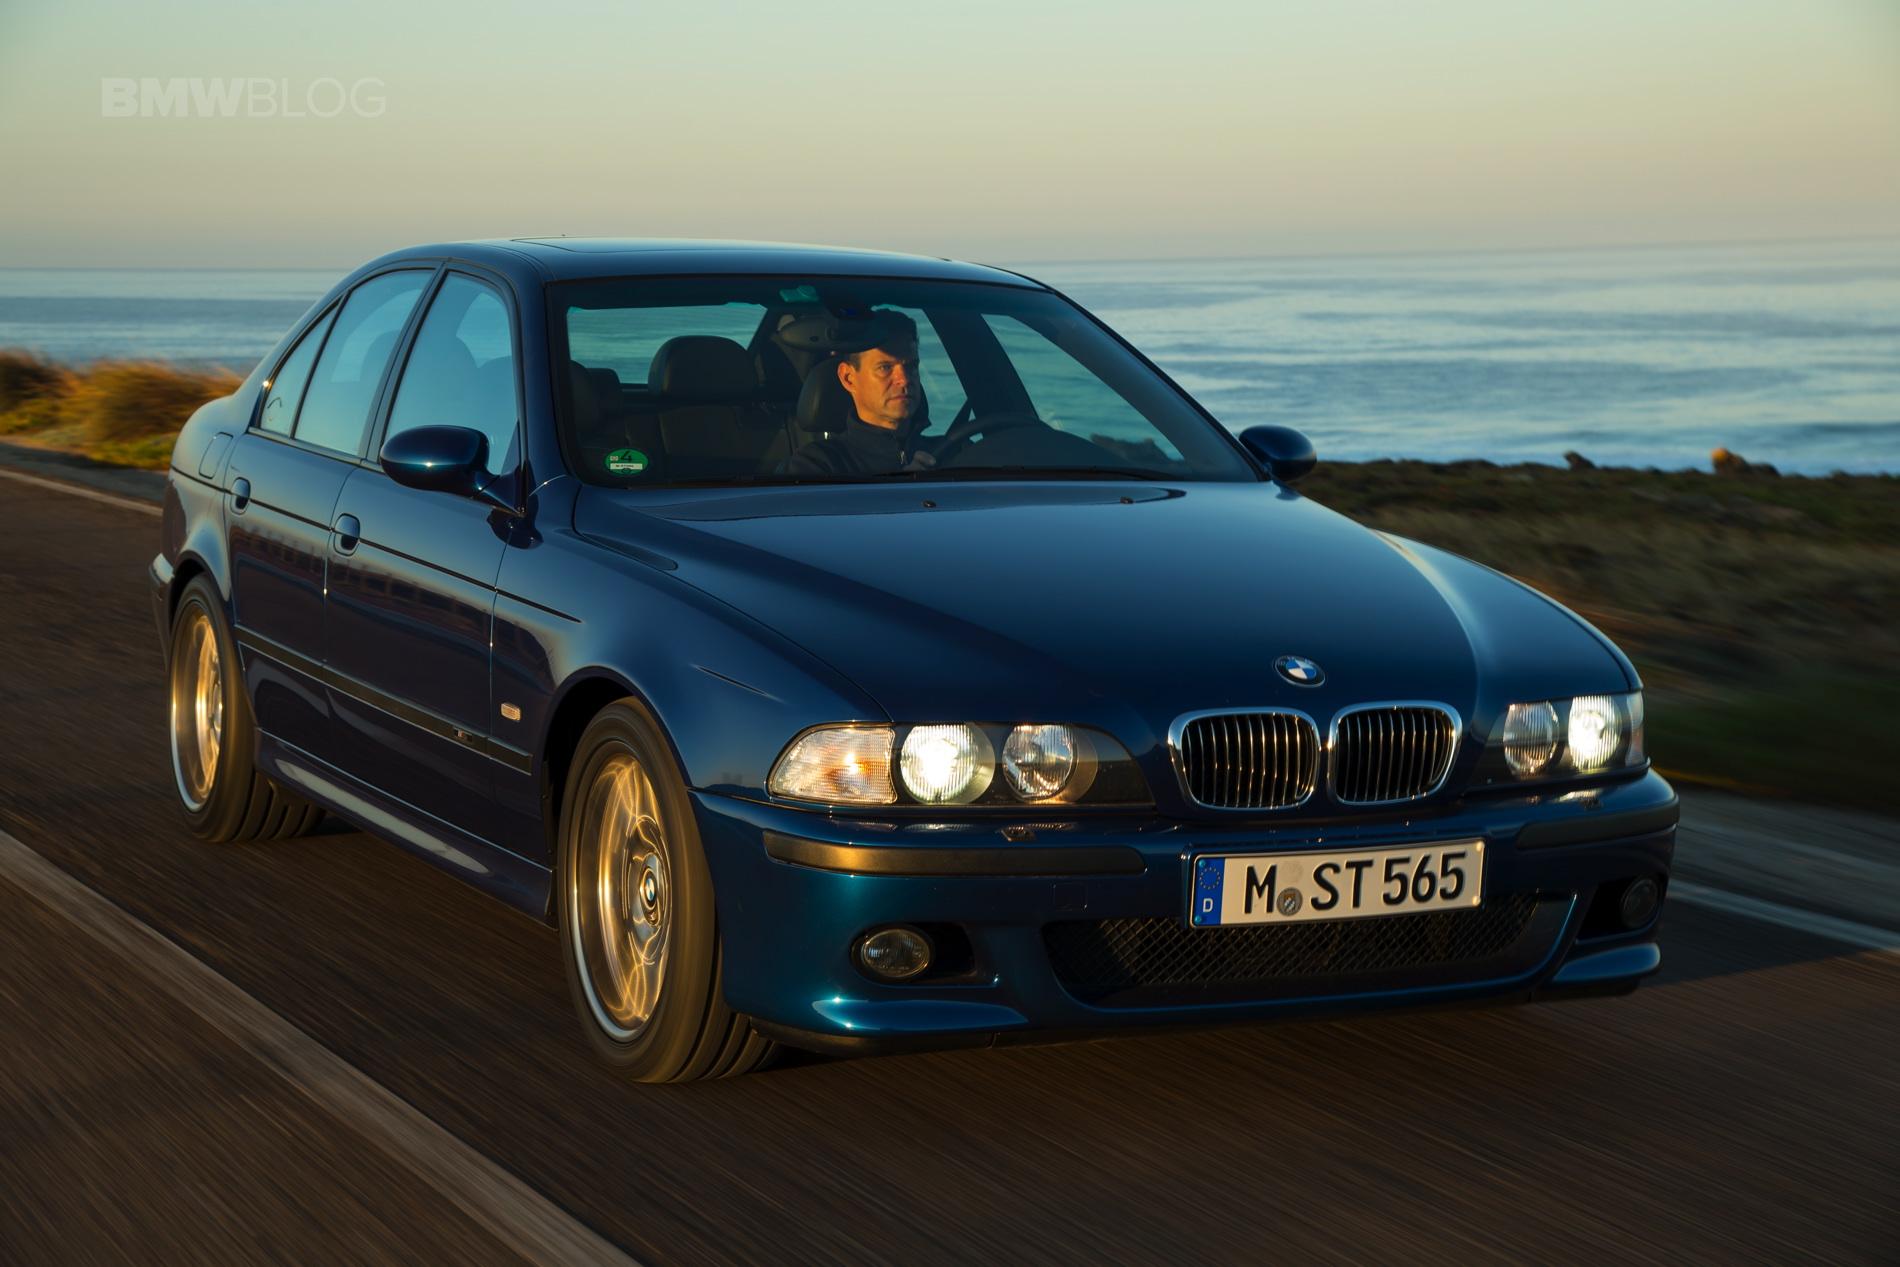 BMW E39 M5 17